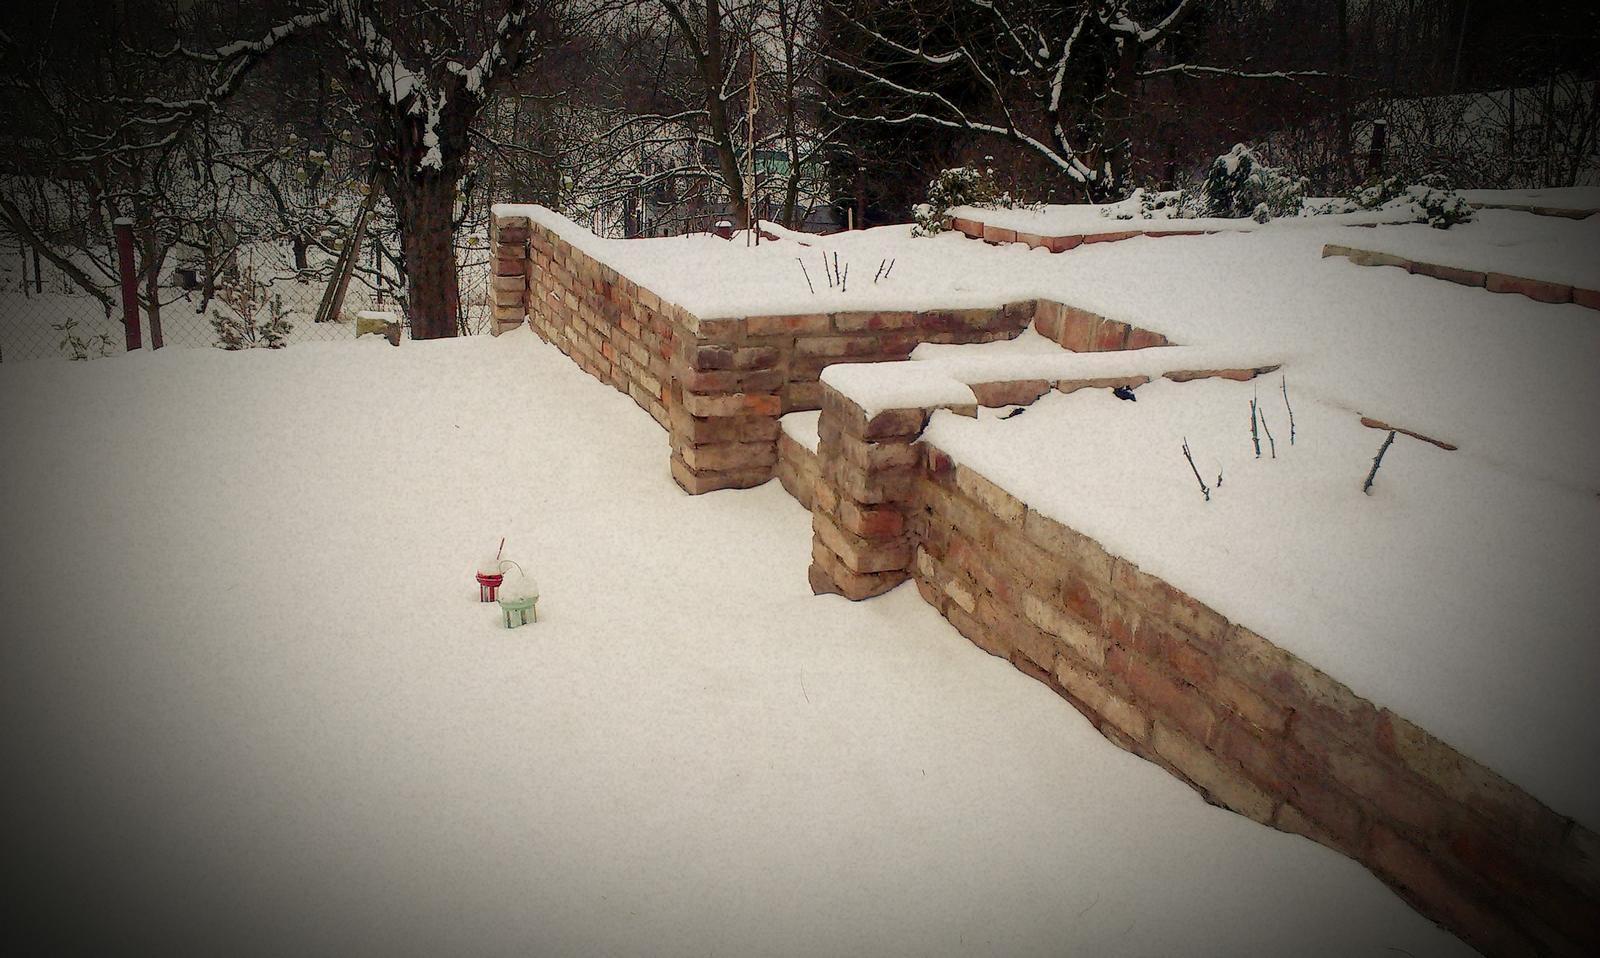 Záhrada - ešte, že sme narýchlo stihli zídku naimpregnovať pred mrazmi a snežením. Tak len dúfam, že to bude fungovať a nerozpadne sa nám po prvej zime.. :-(